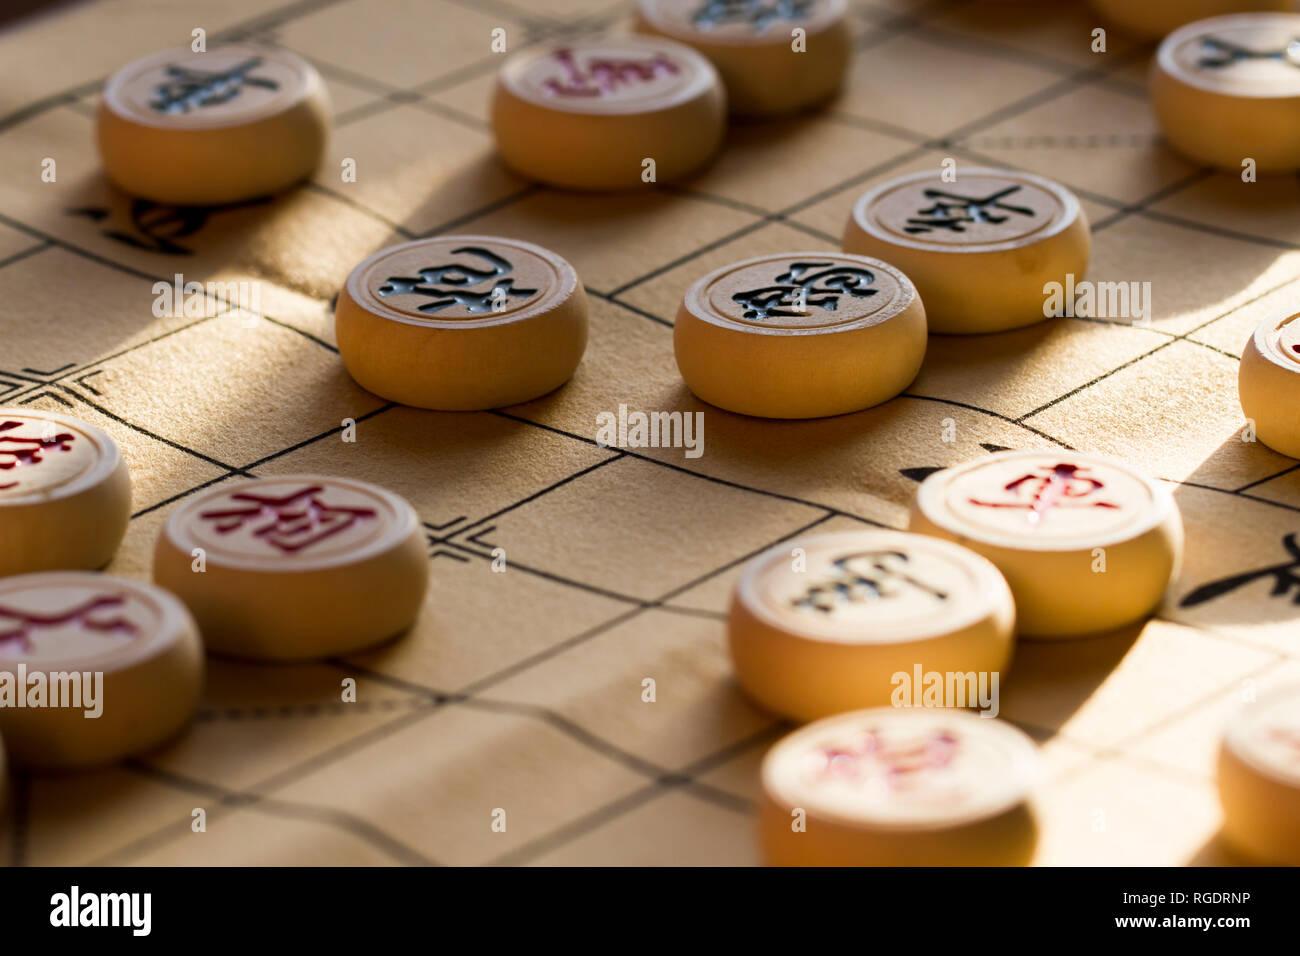 Jeu entre échecs chinois Banque D'Images